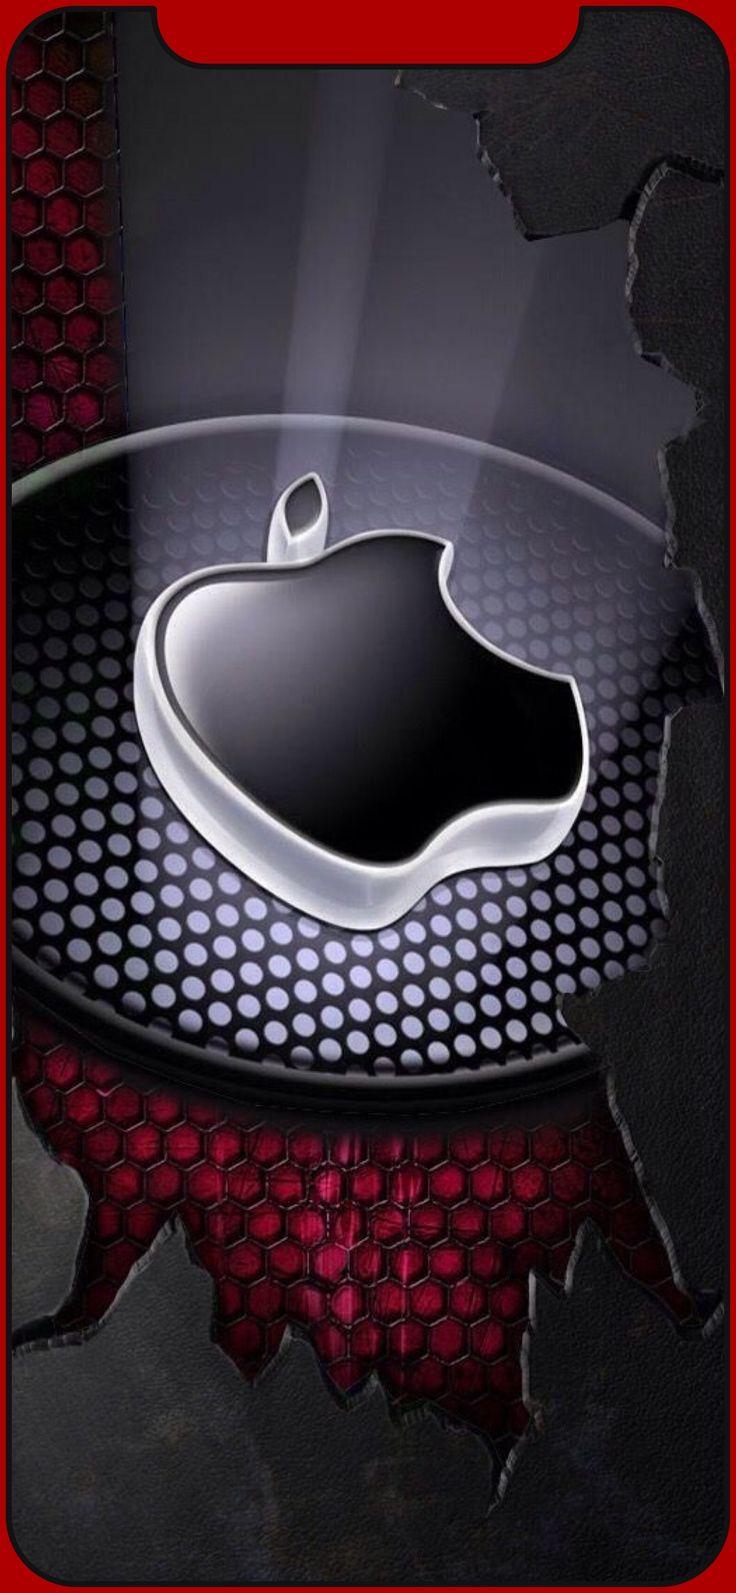 самой супер фото логотип айфона сейчас поставьте